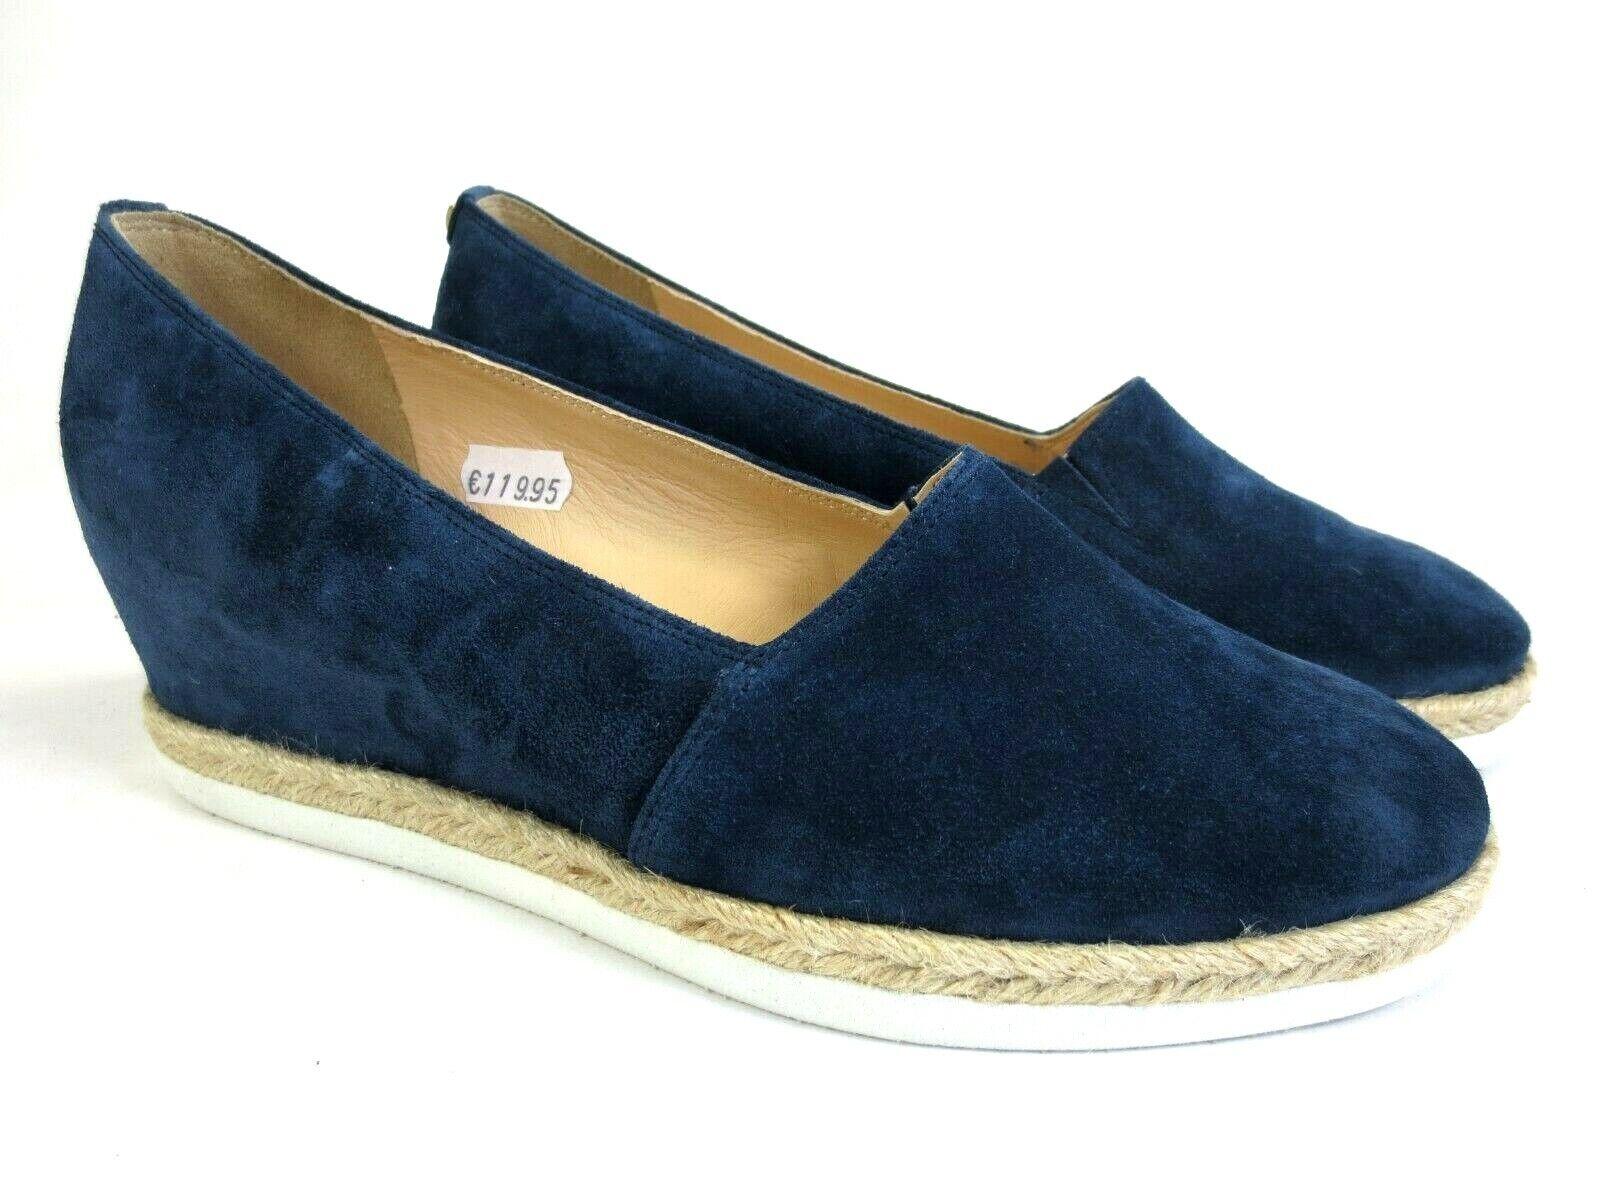 Högl talons Pantoufles Chaussures en cuir bleu Espadrilles Nouveau Prix Recommandé 119,95